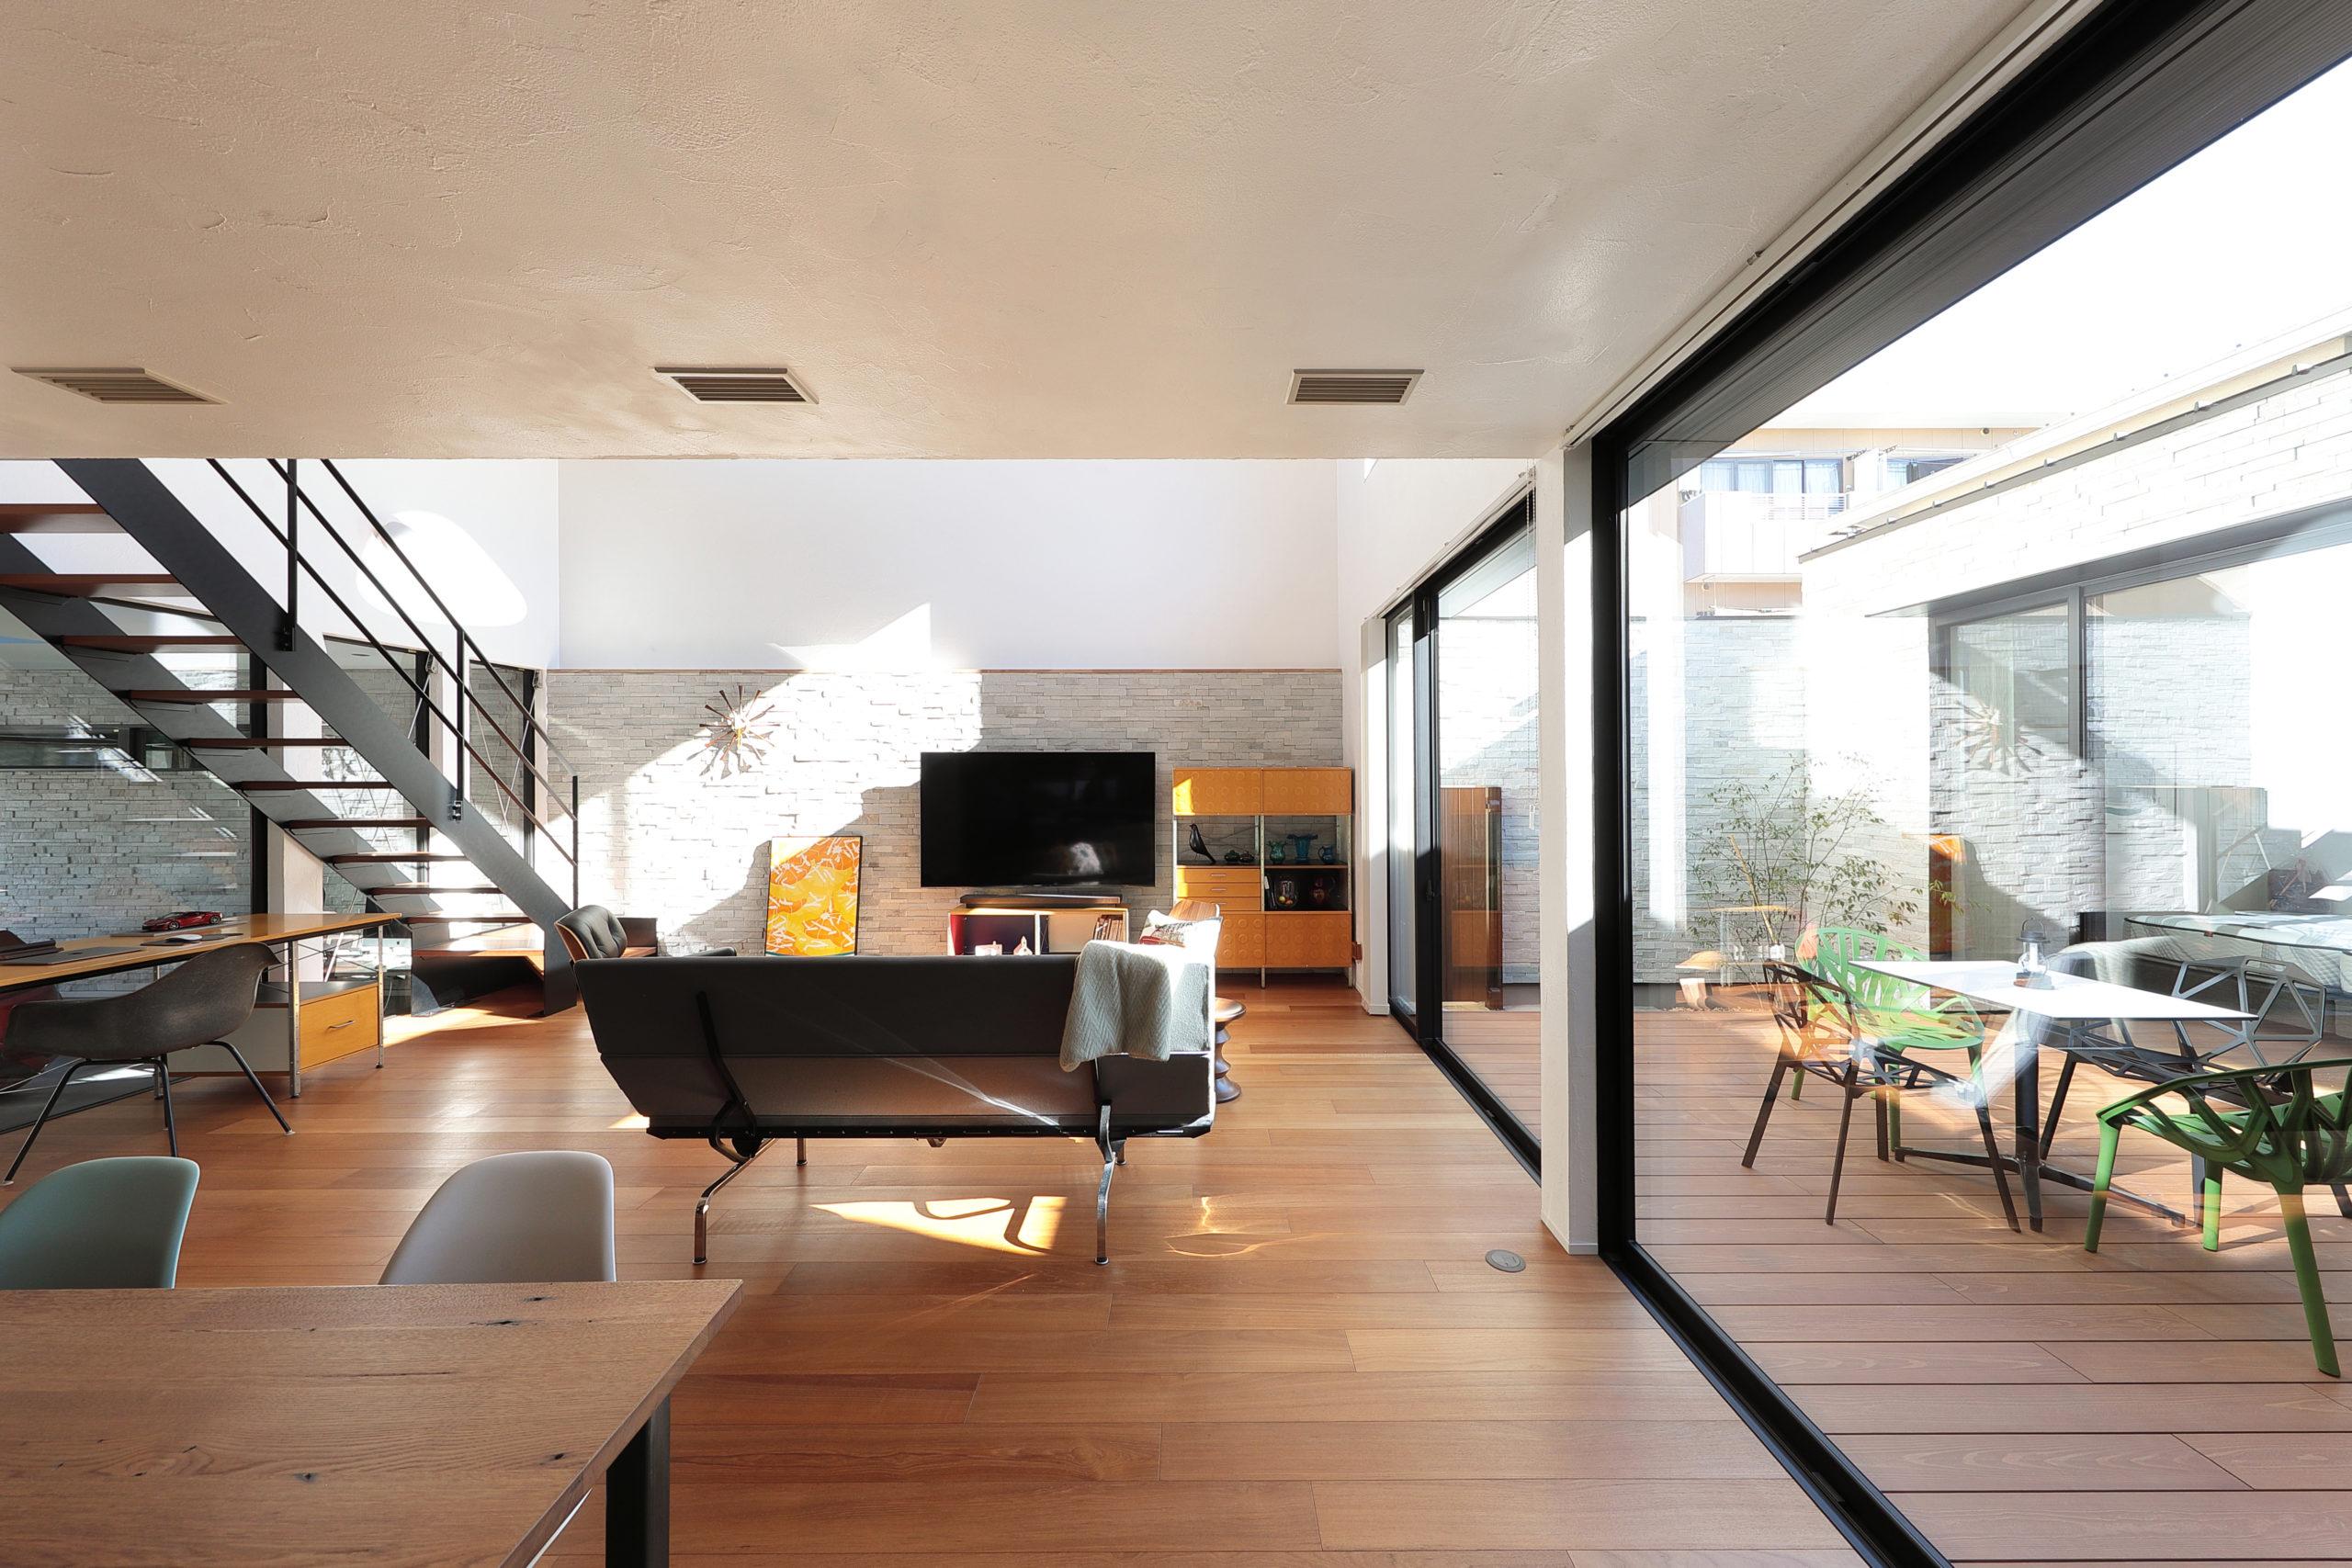 ガレージ ⇔ LDK ⇔ 中庭 ⇔ 寝室、4空間が繋がる開放的なつくり